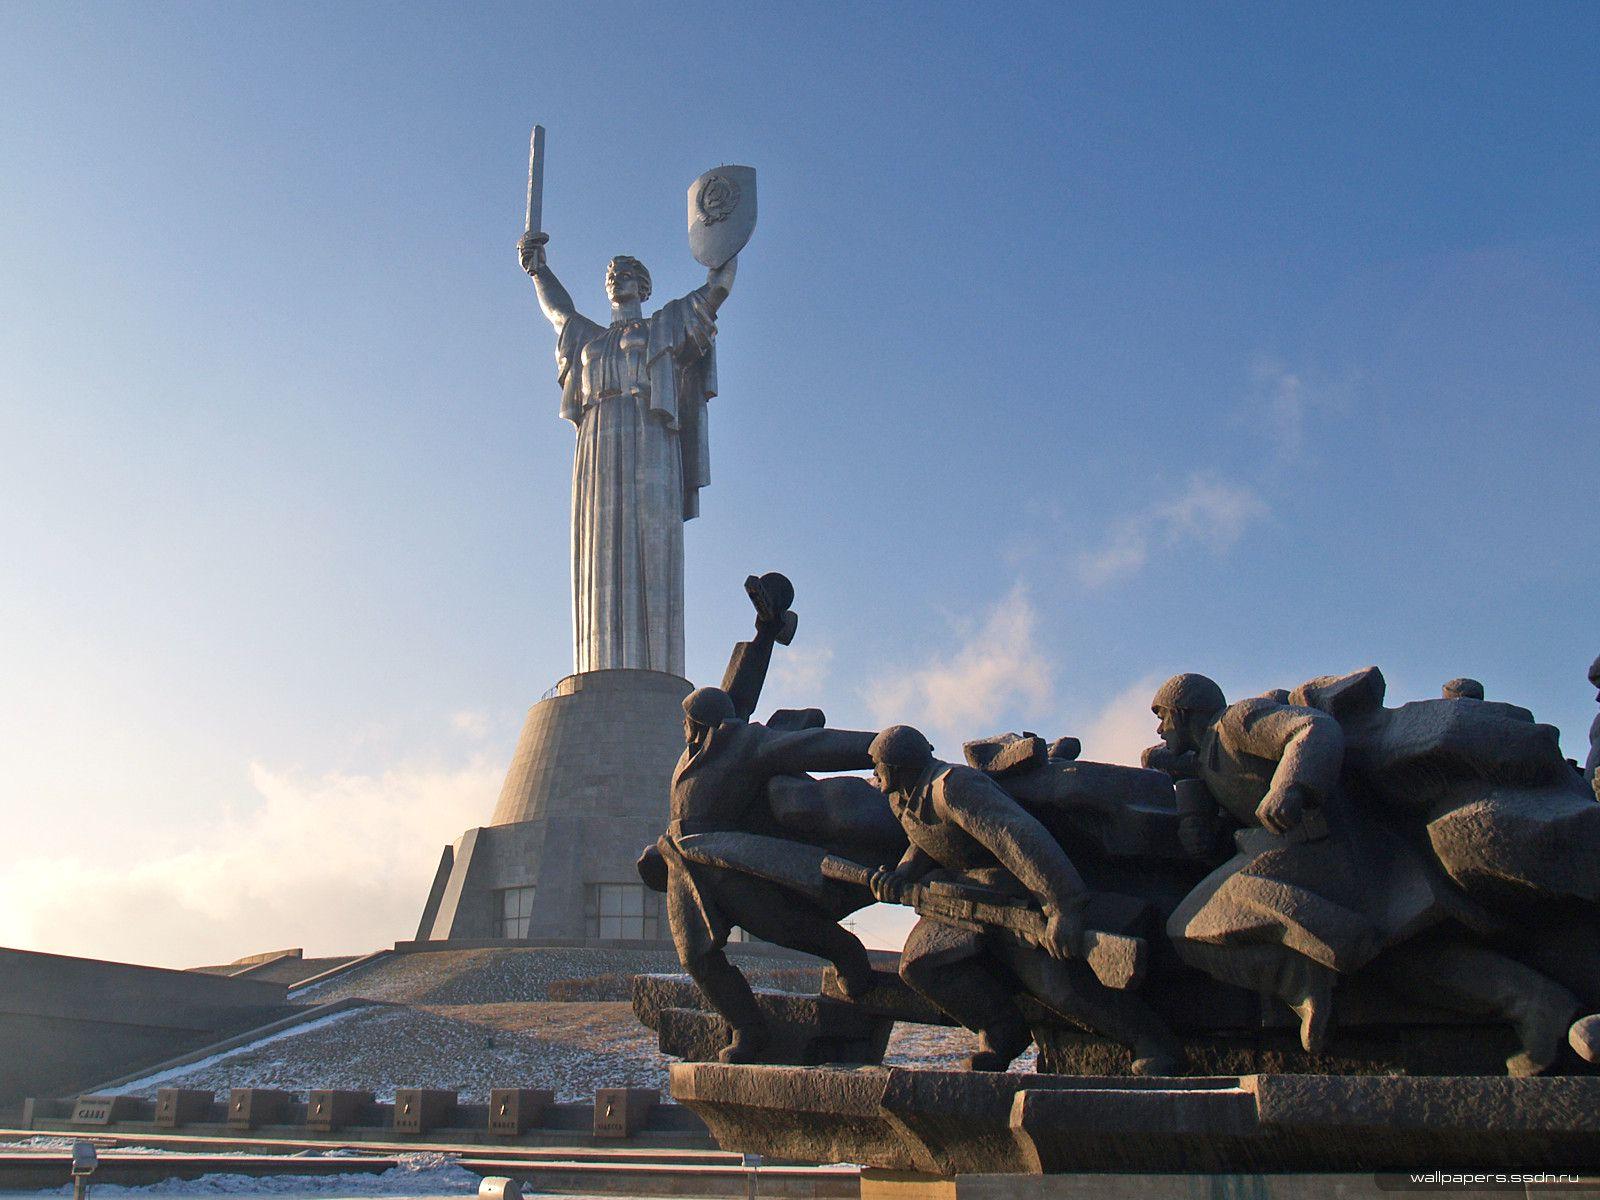 прием макулатуры в спб василеостровский район